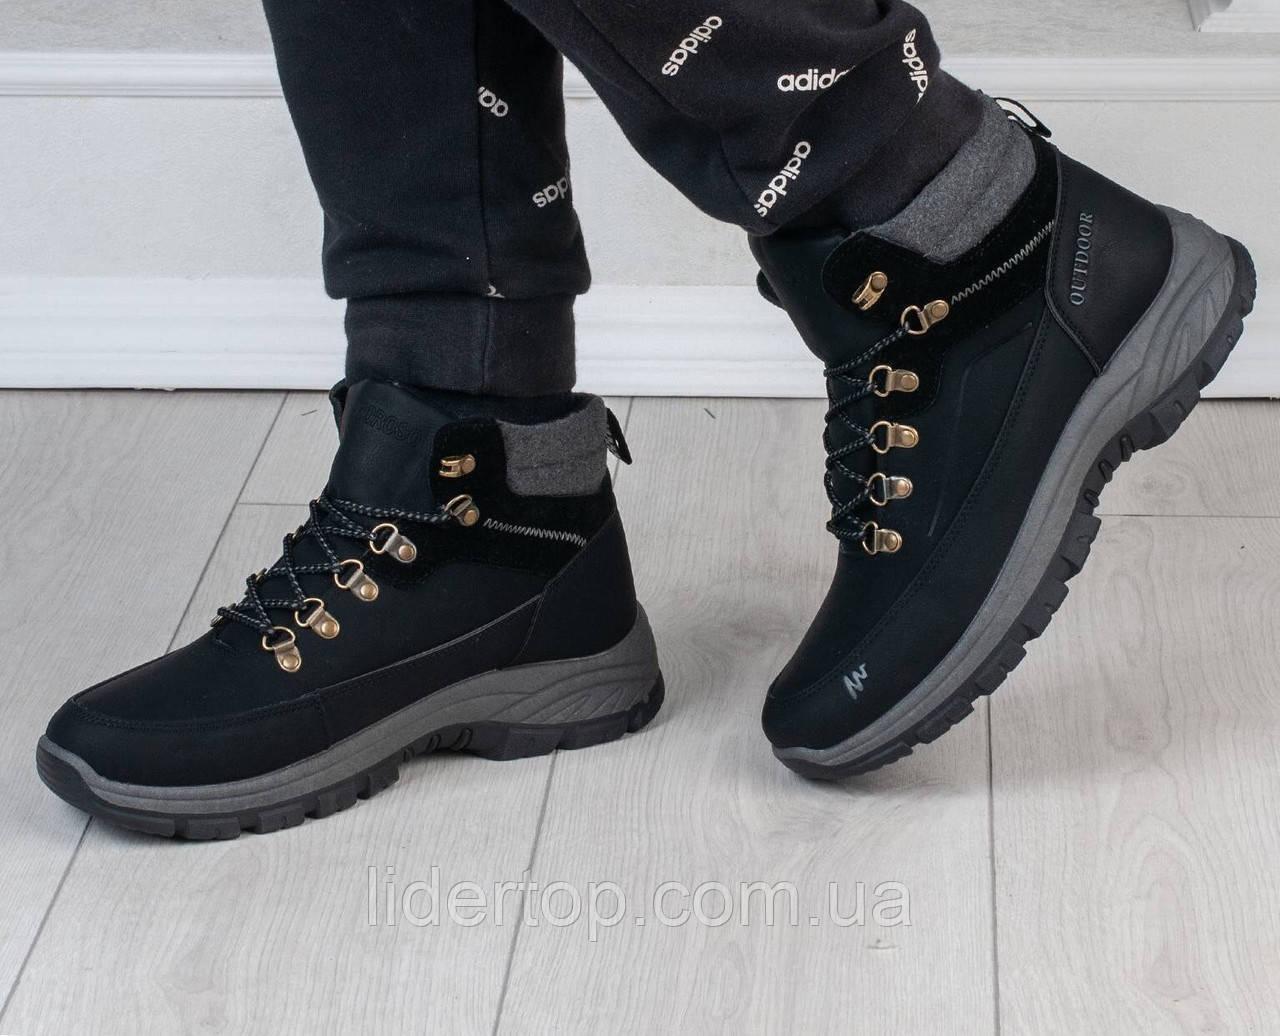 Ботинки Сапоги Зимние Мужские  Horoso 40-45 р